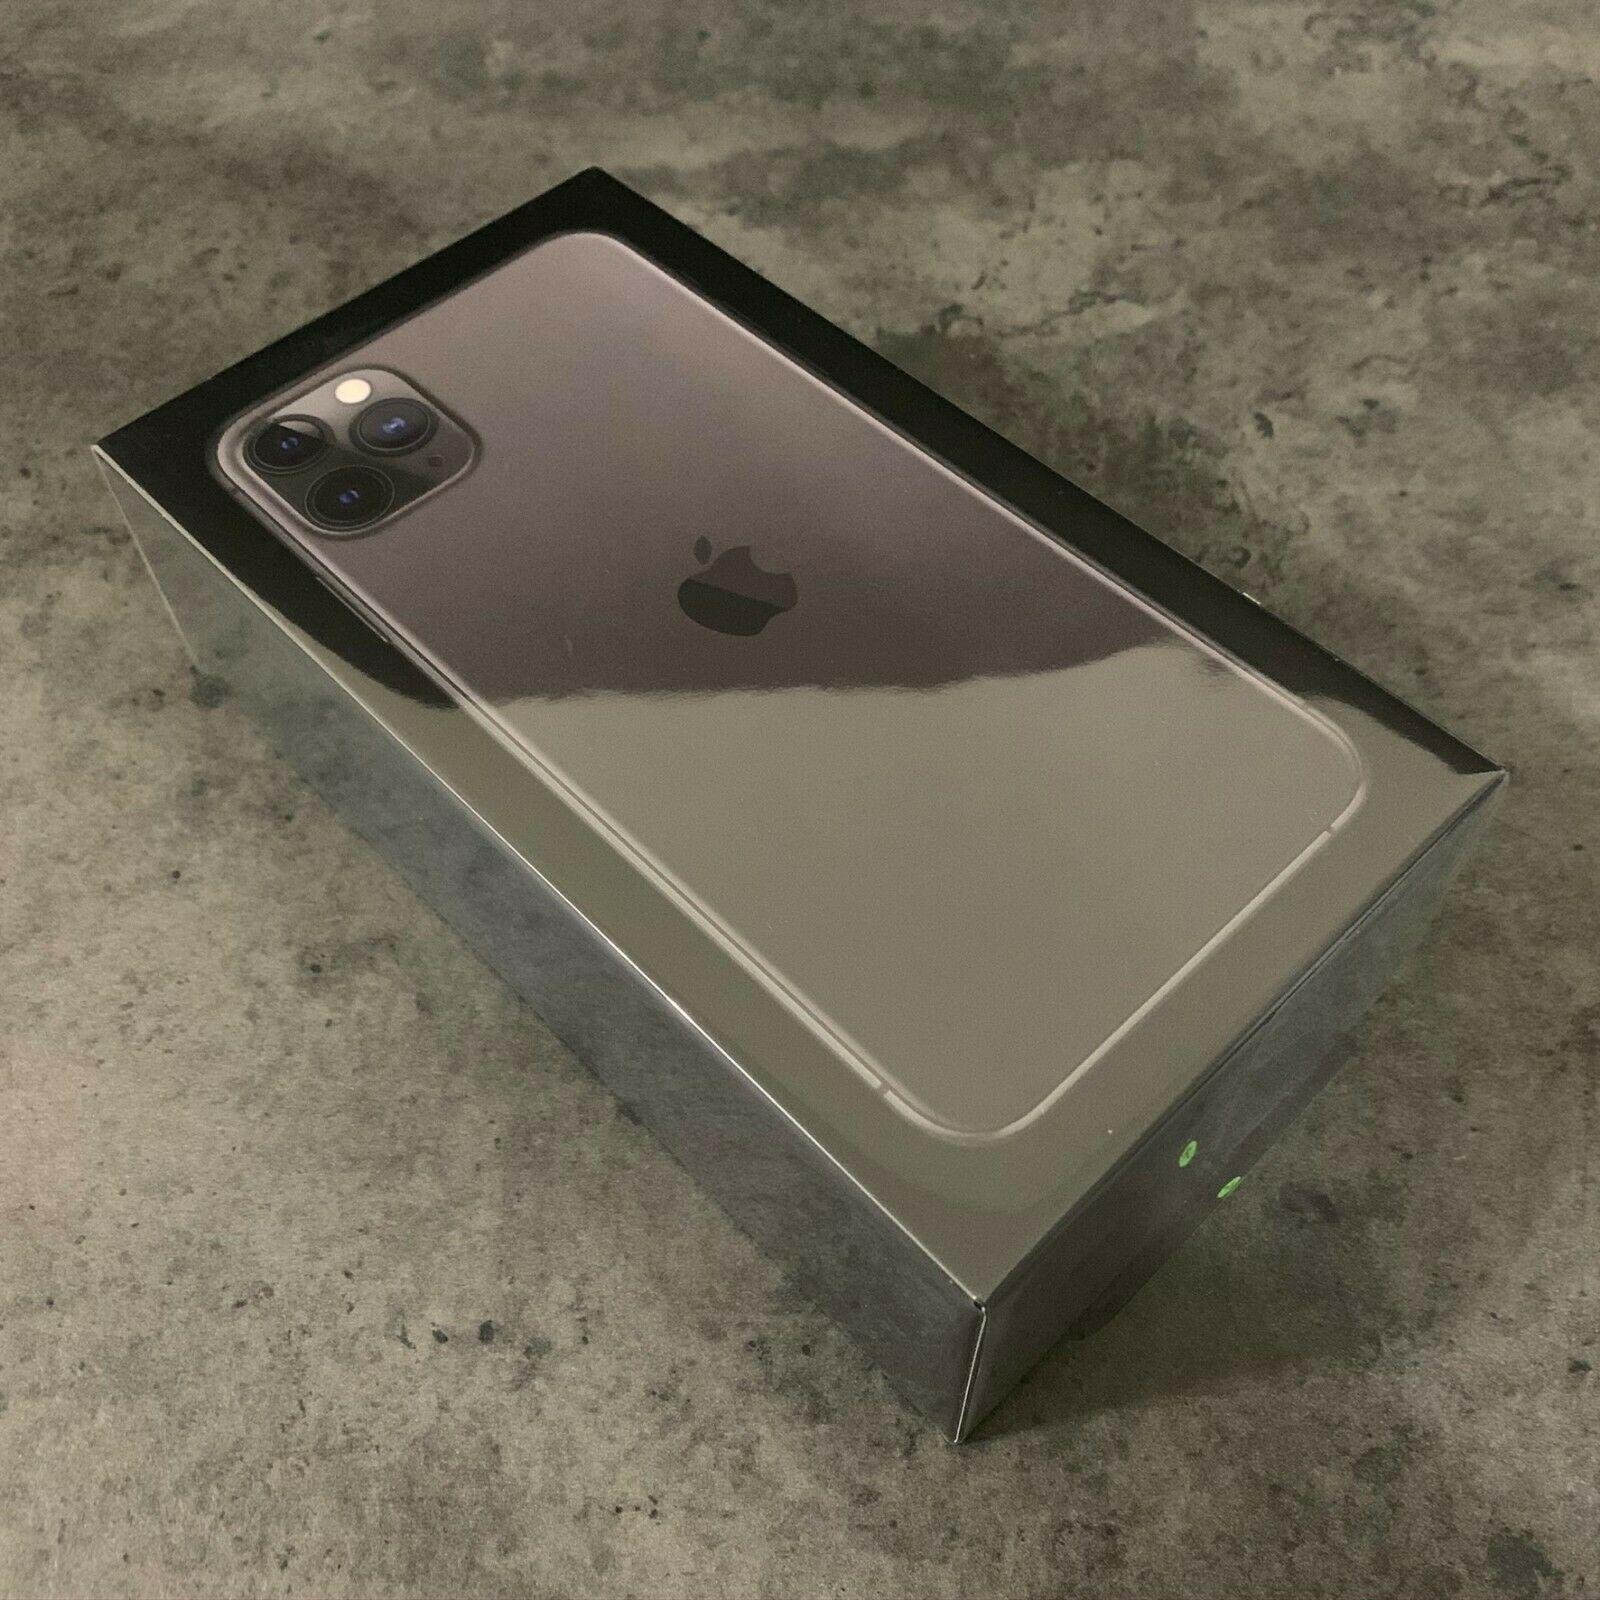 Ogłoszenie darmowe. Lokalizacja:  london. KUPIĘ / SPRZEDAM - Elektronika. Apple Iphone 11 256gb -520.